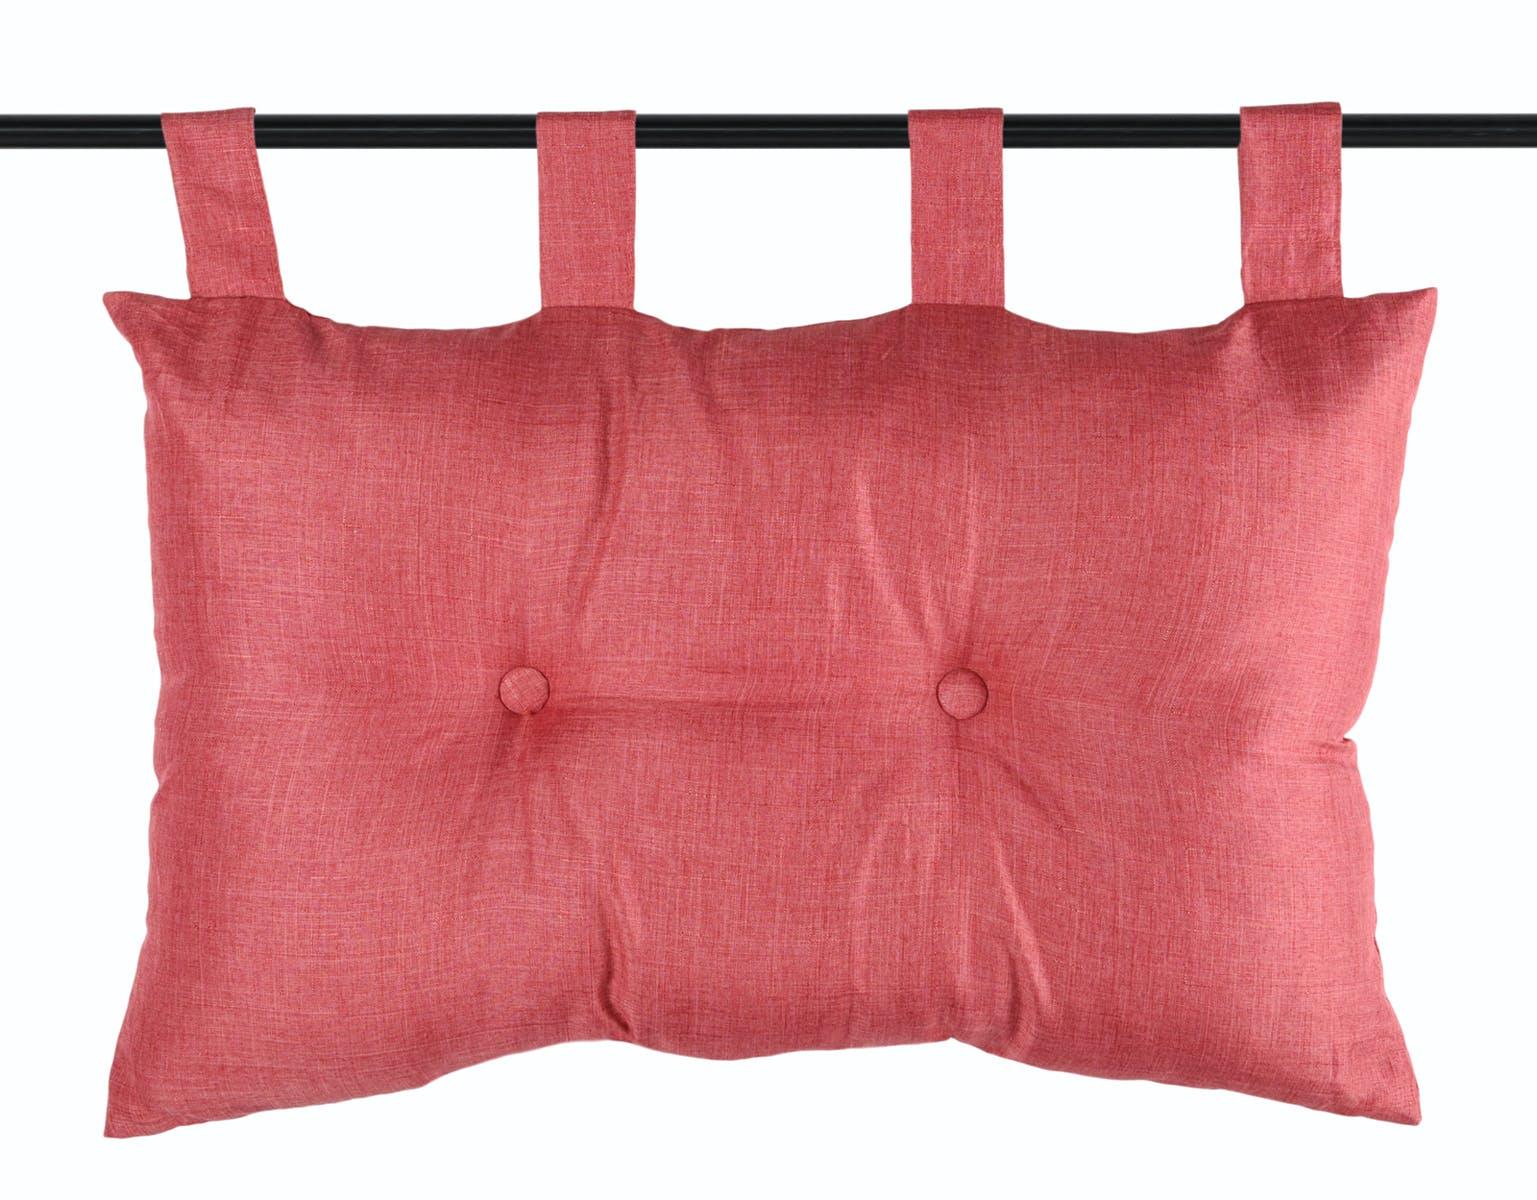 Tête de lit unie capitonnée rouge 45x70cm BEA